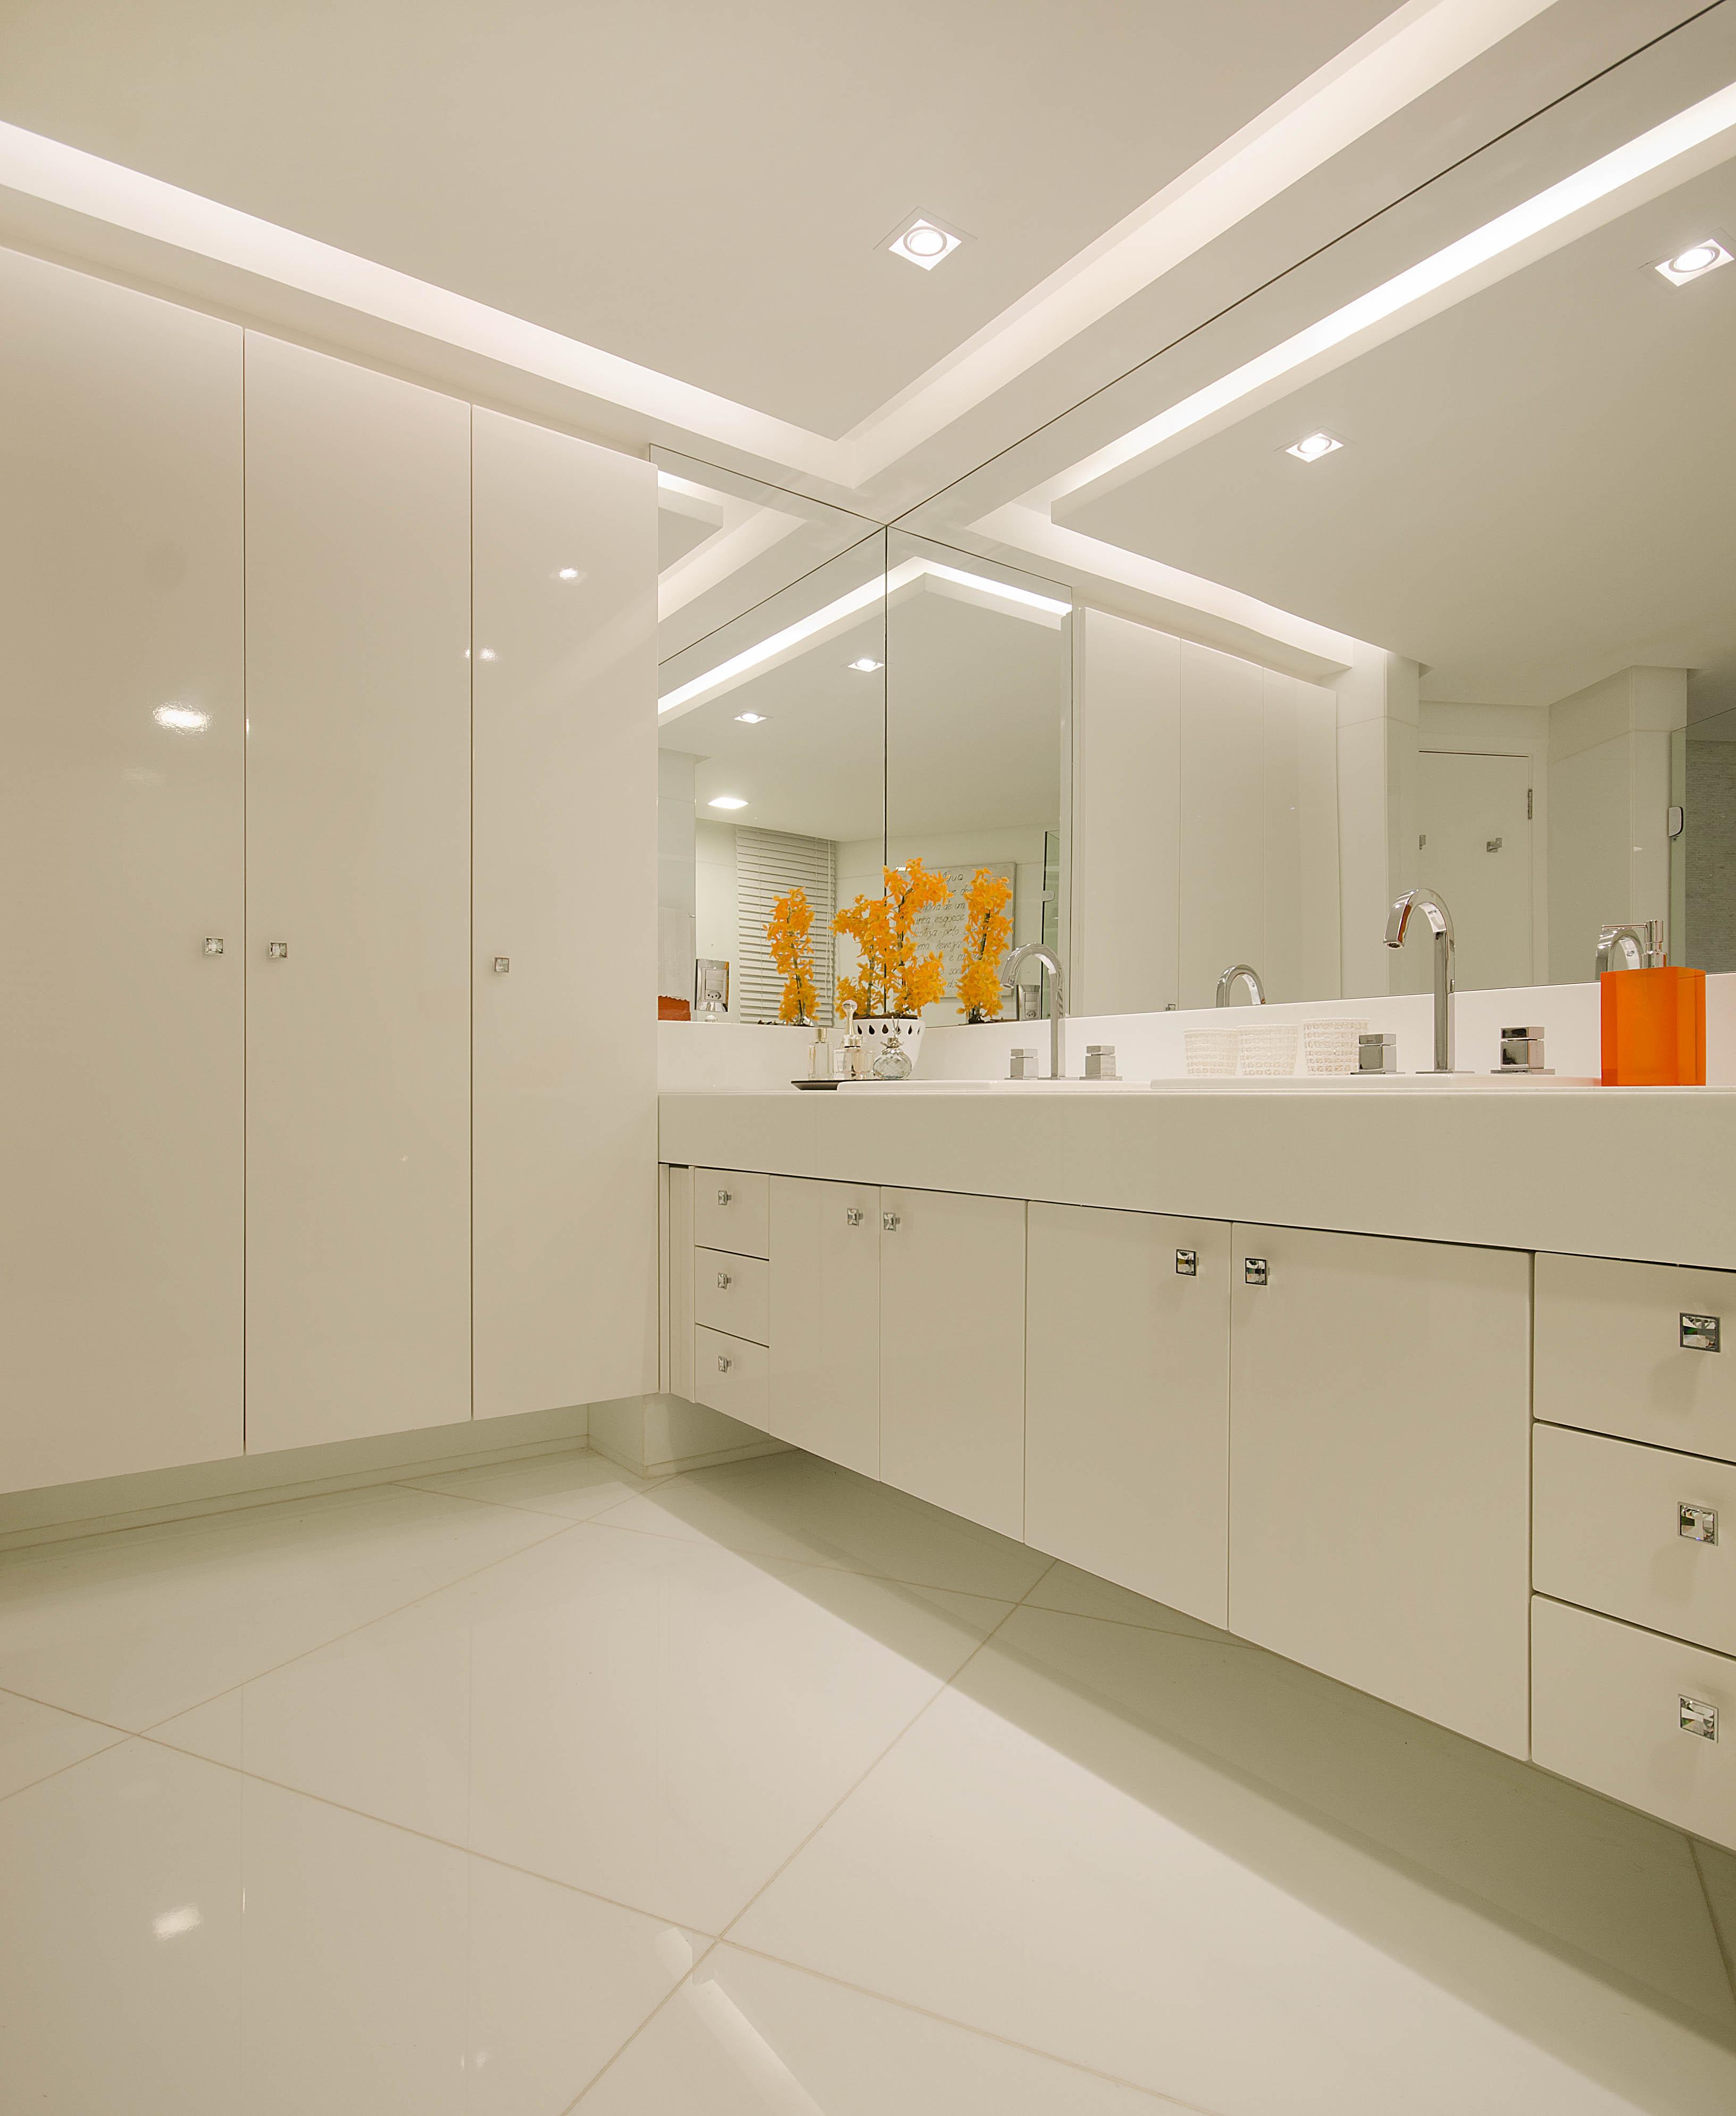 Assim fica muito mais fácil acertar as cores na hora de decorar  #CB4B00 3264x3979 Banheiro Container De Luxo